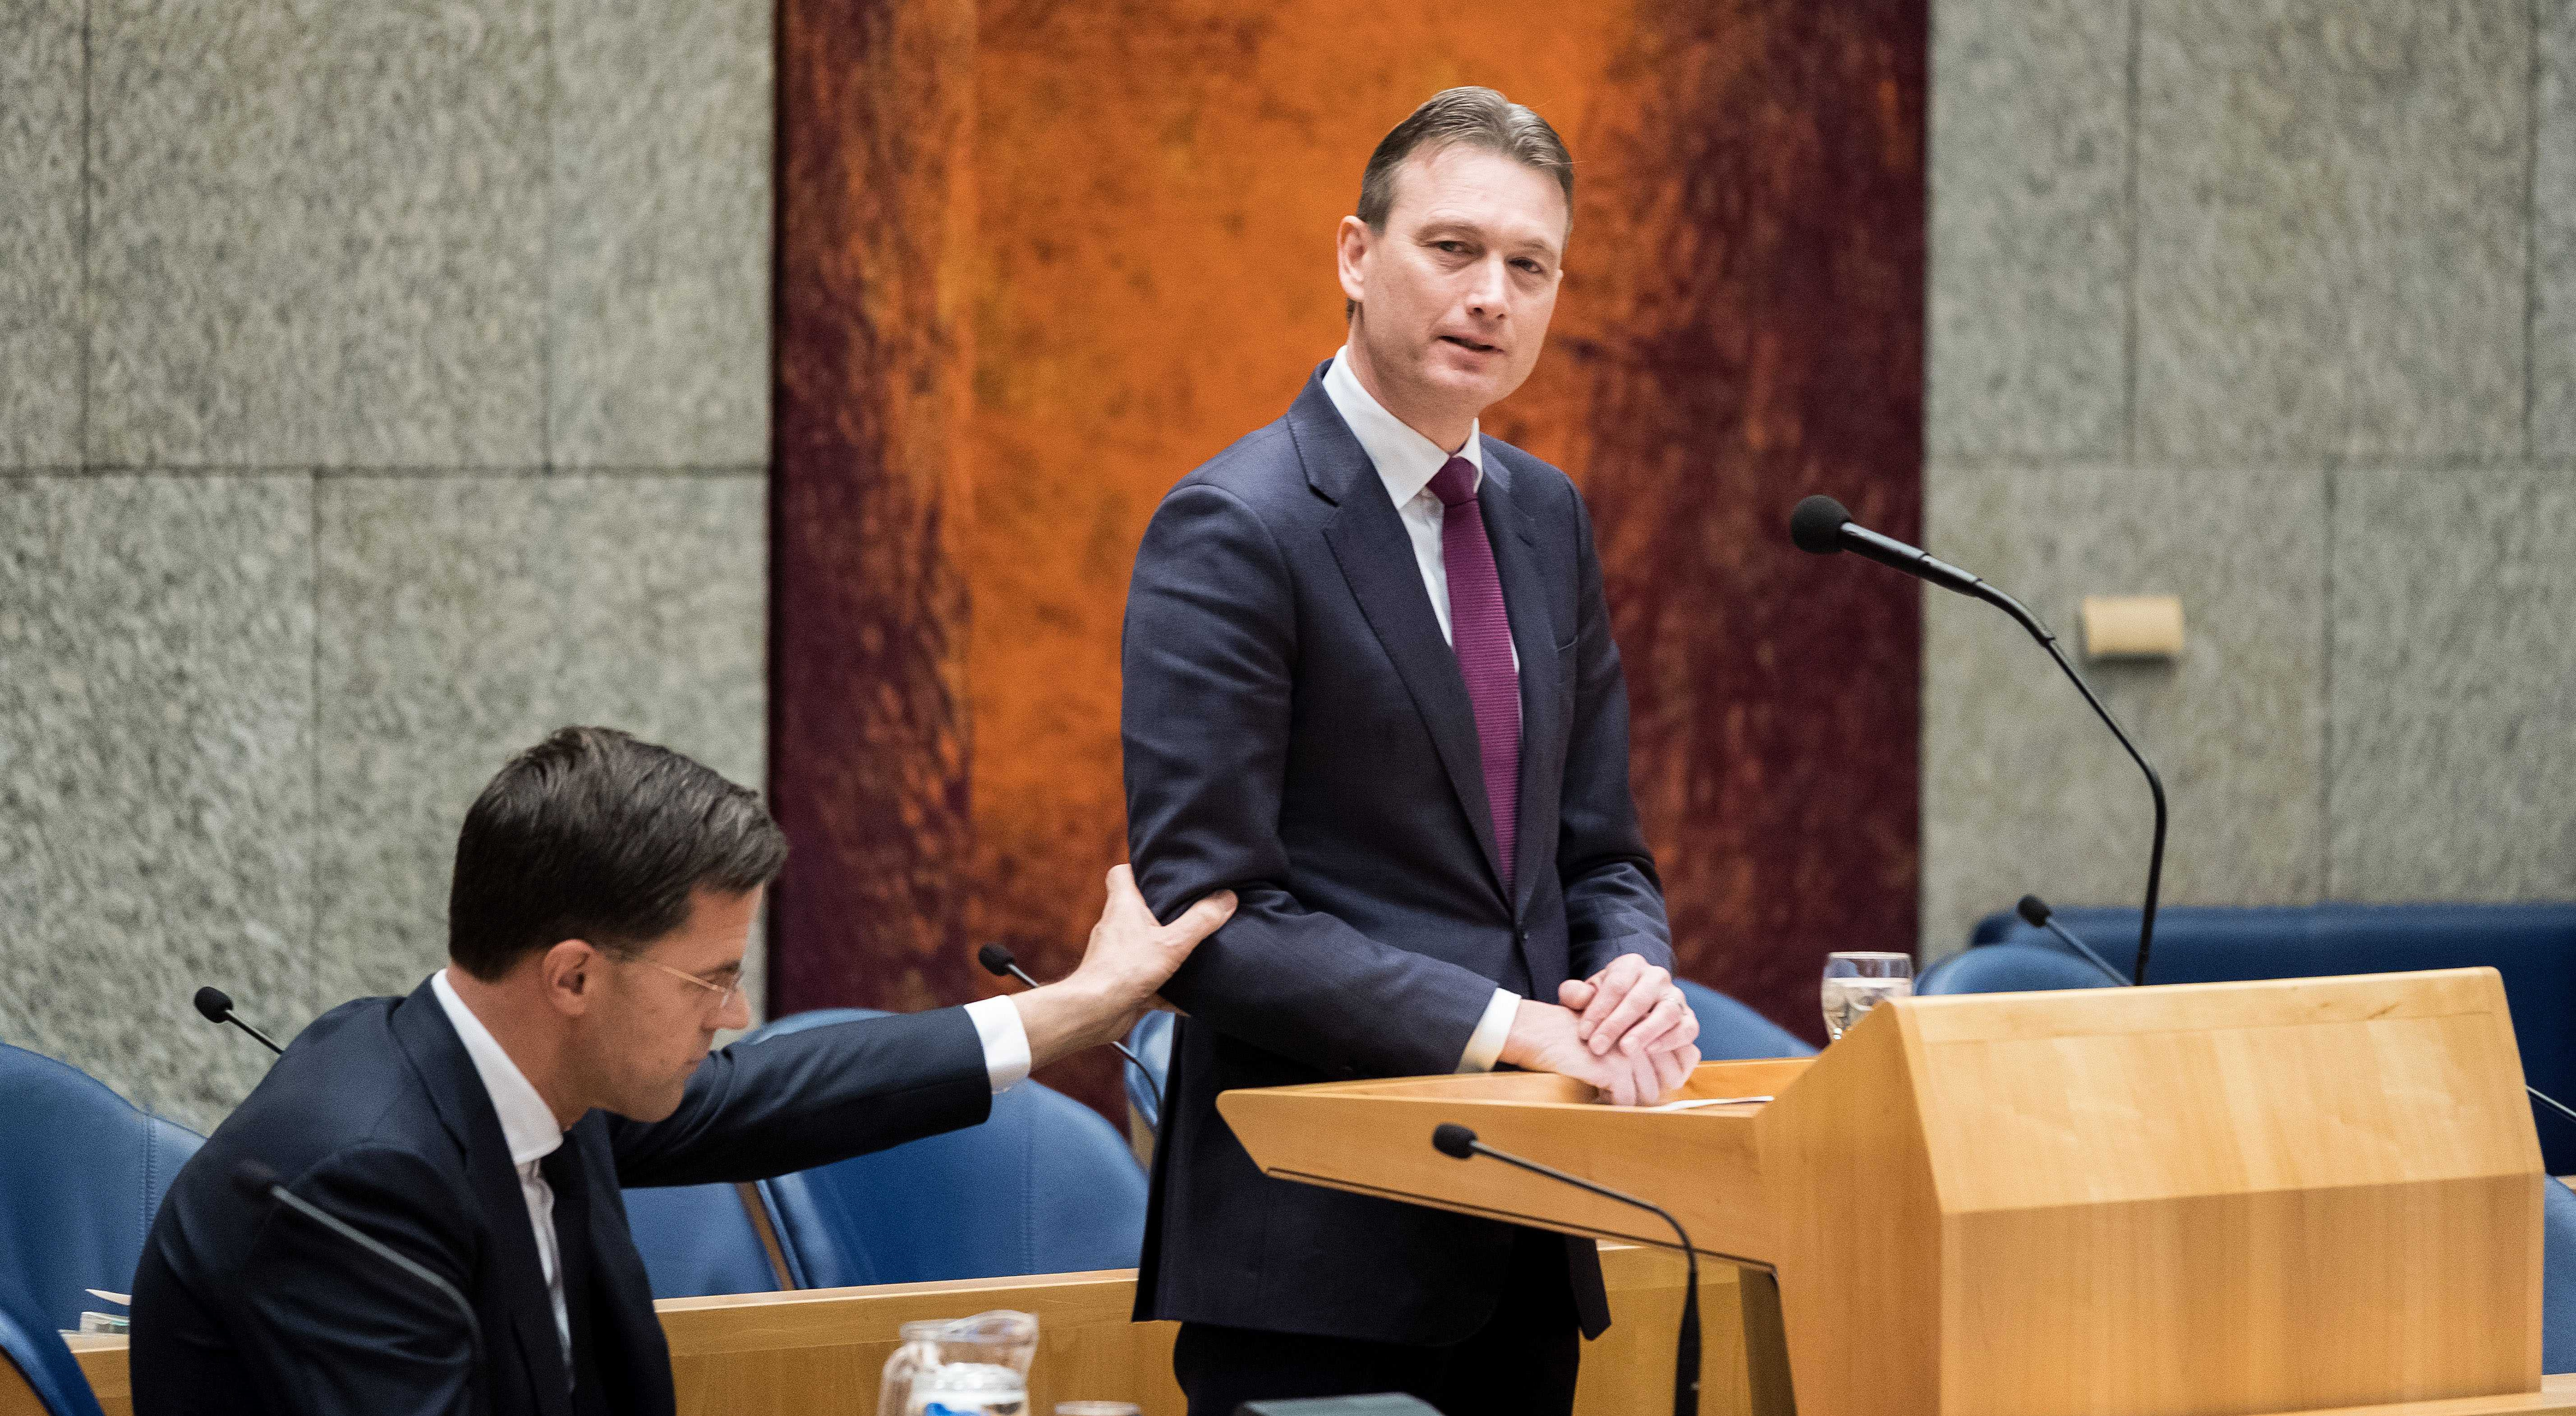 Ministro holandês demite-se devido a mentira sobre reunião com Putin